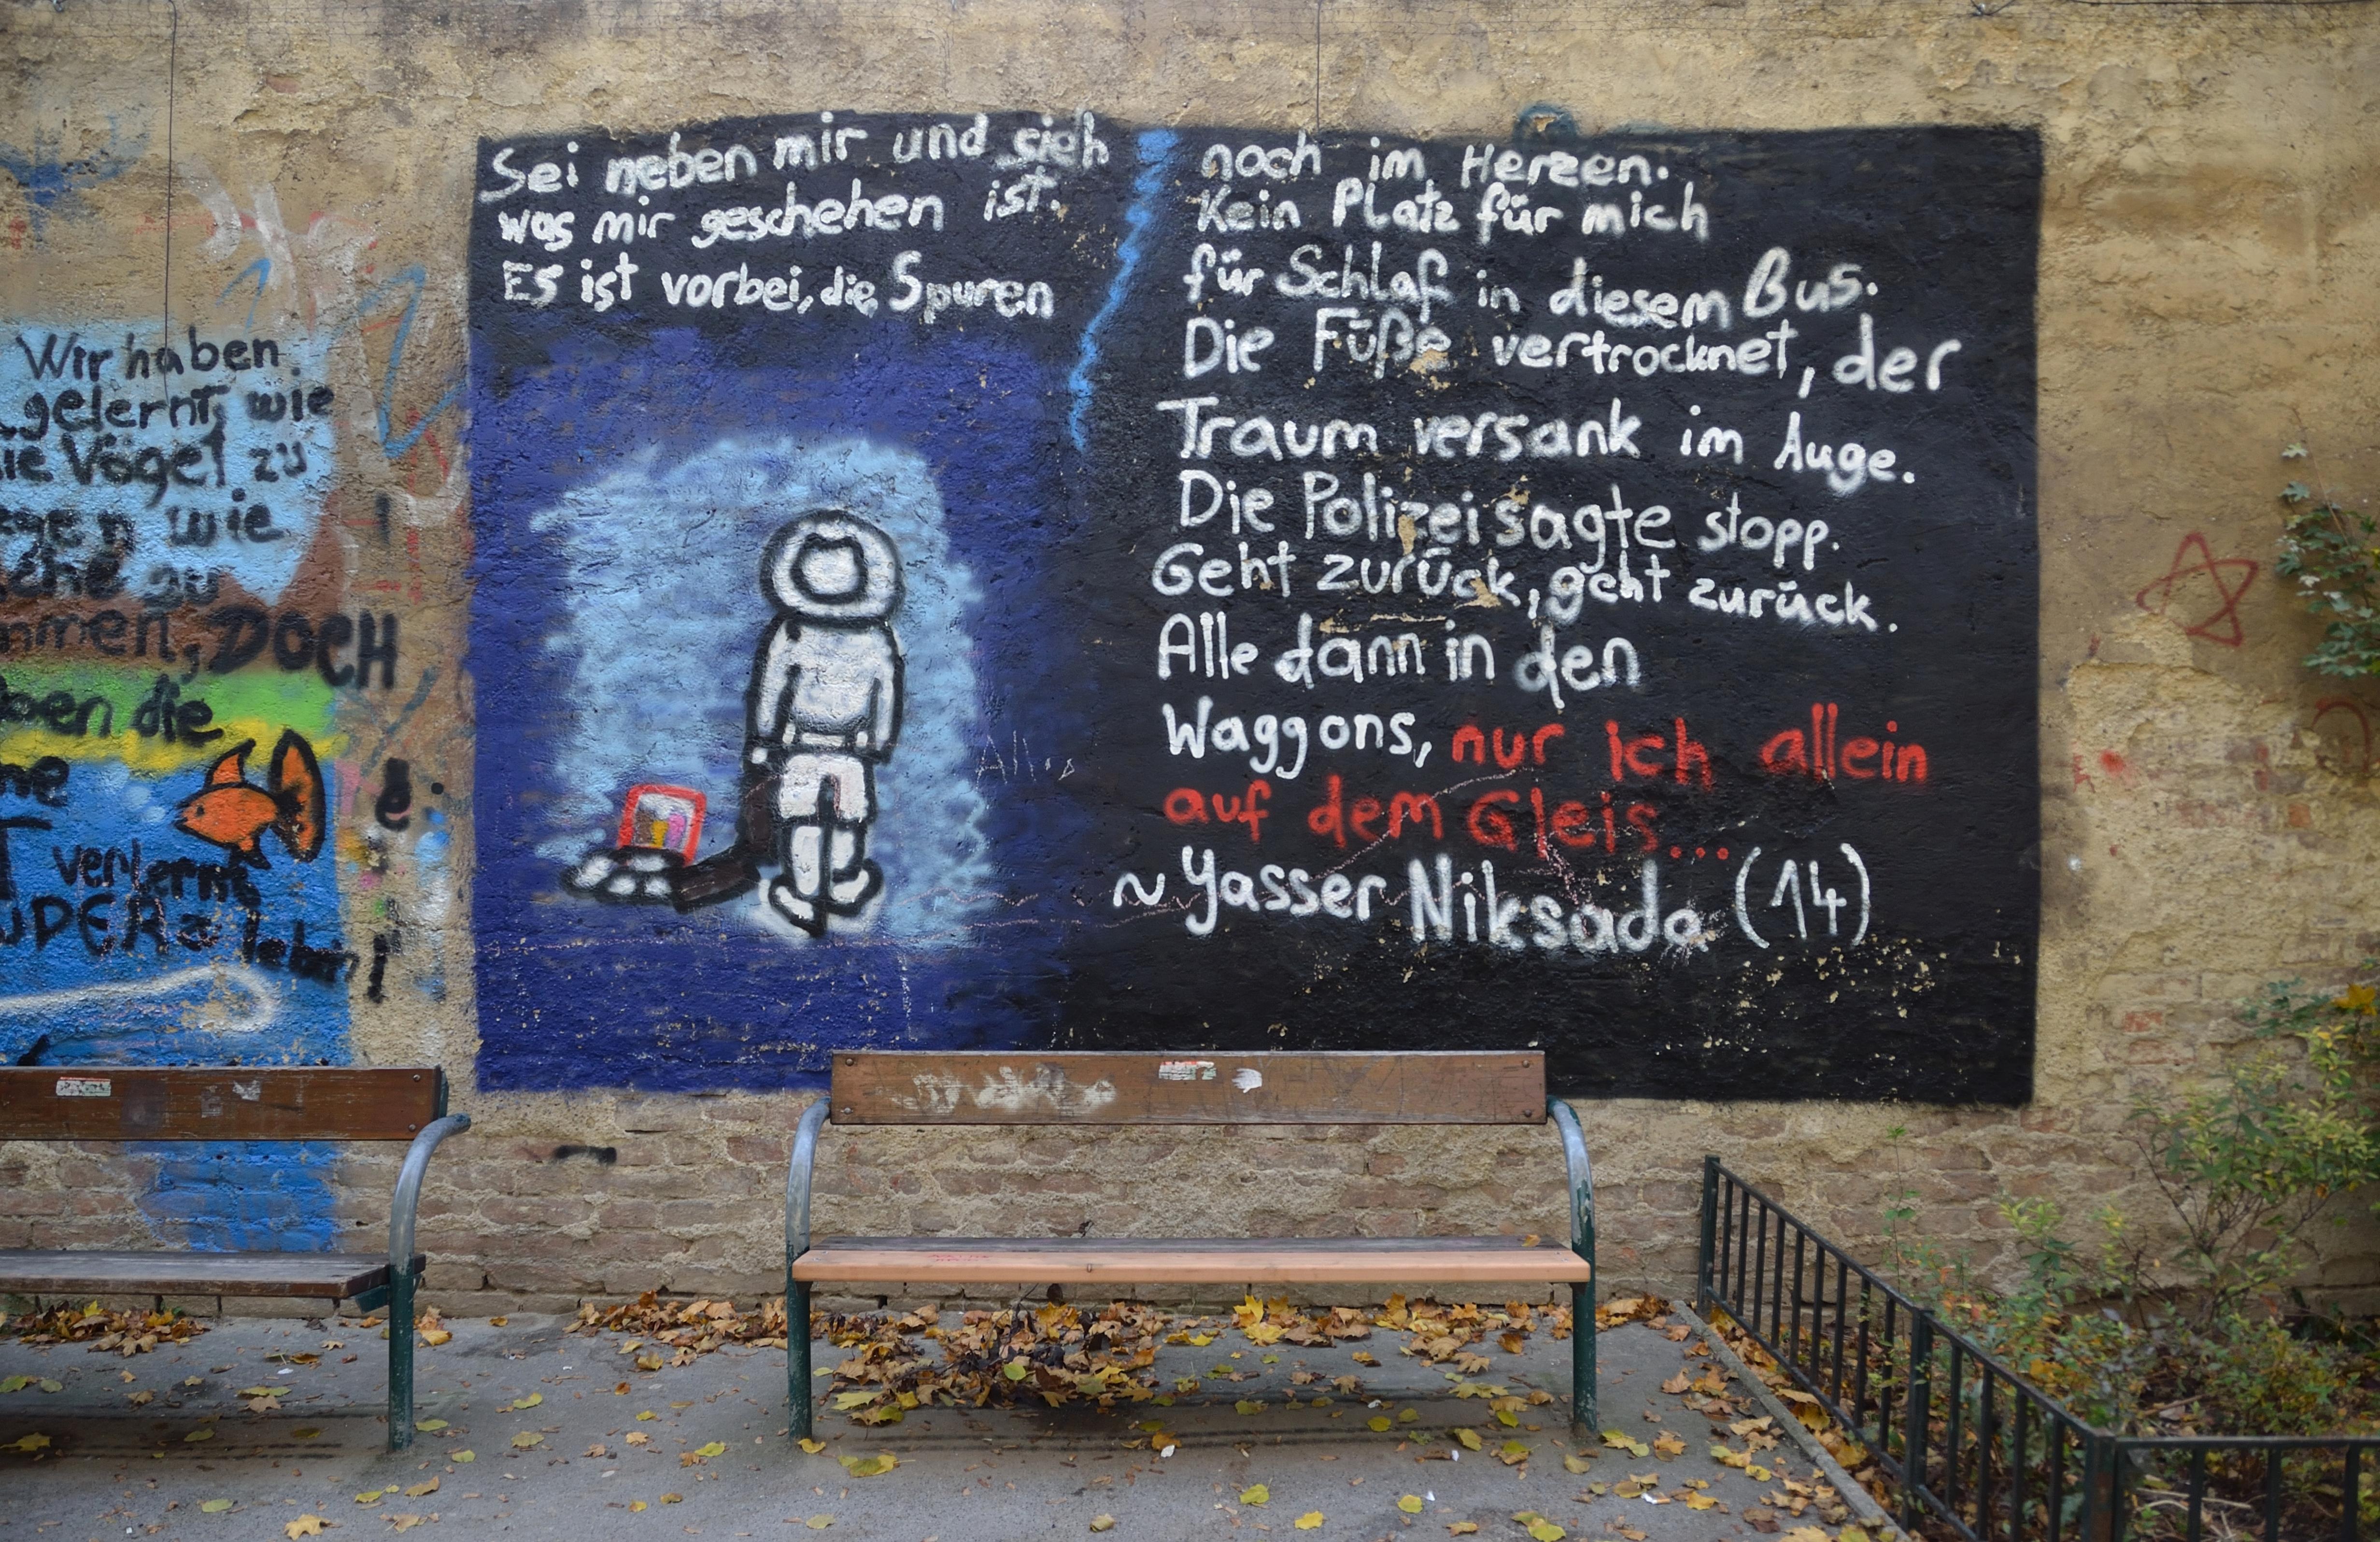 Filegraffiti yasser niksada ignaz kuranda park vienna jpg